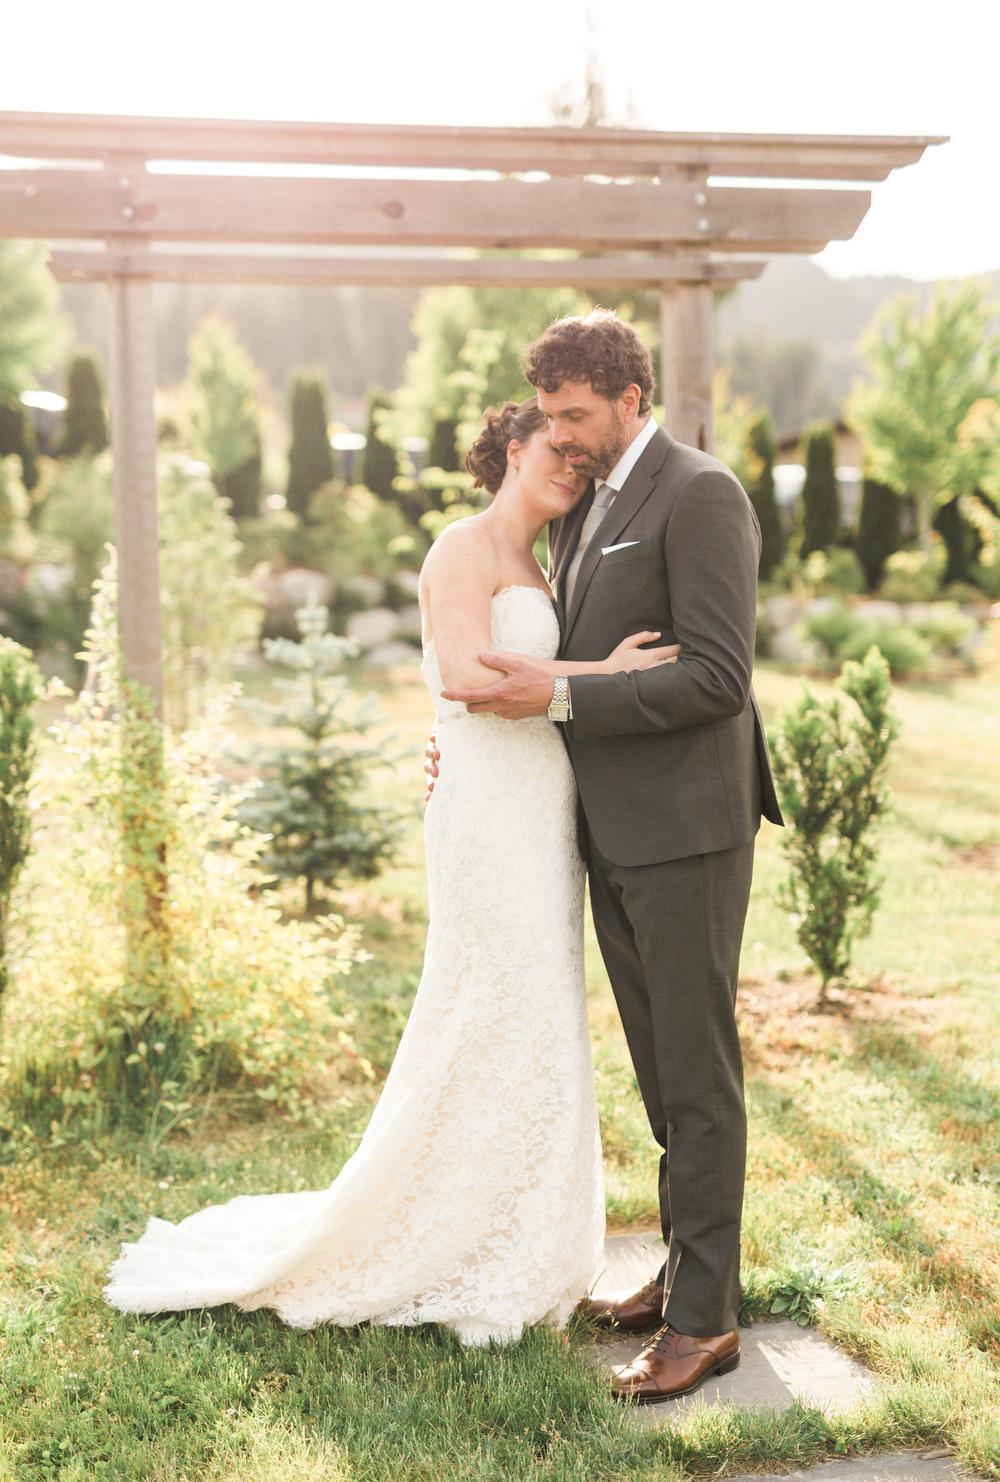 SunshineCoast-BC-Wedding-Photographer123.jpg